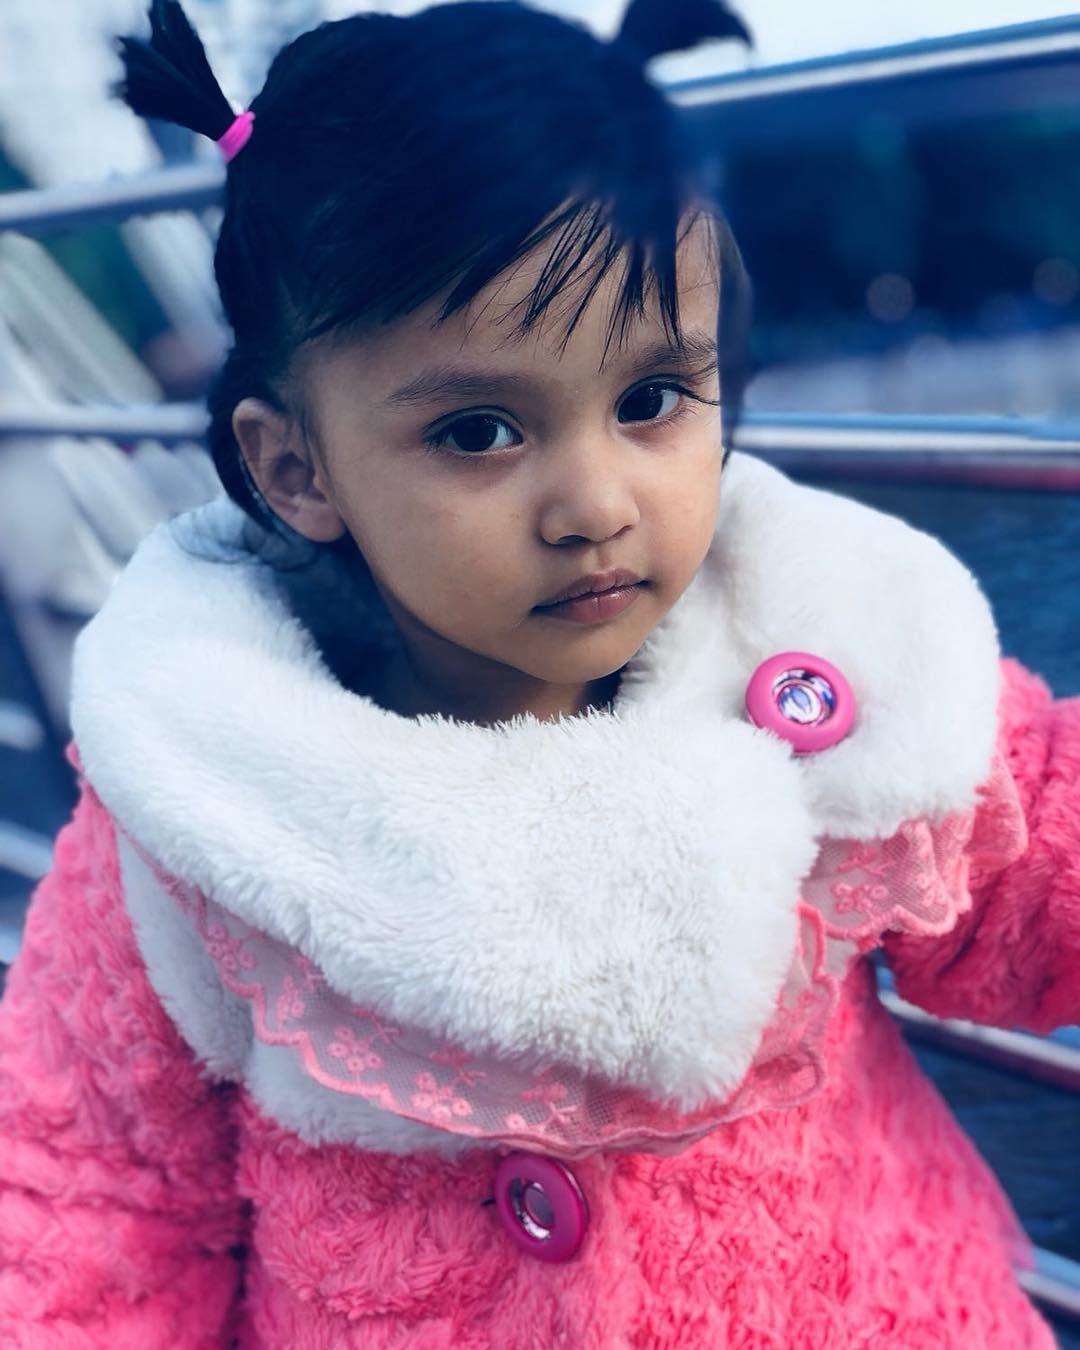 Baby pooh aashviaashvipicsgirlsbabycutecutebabiesinstagram